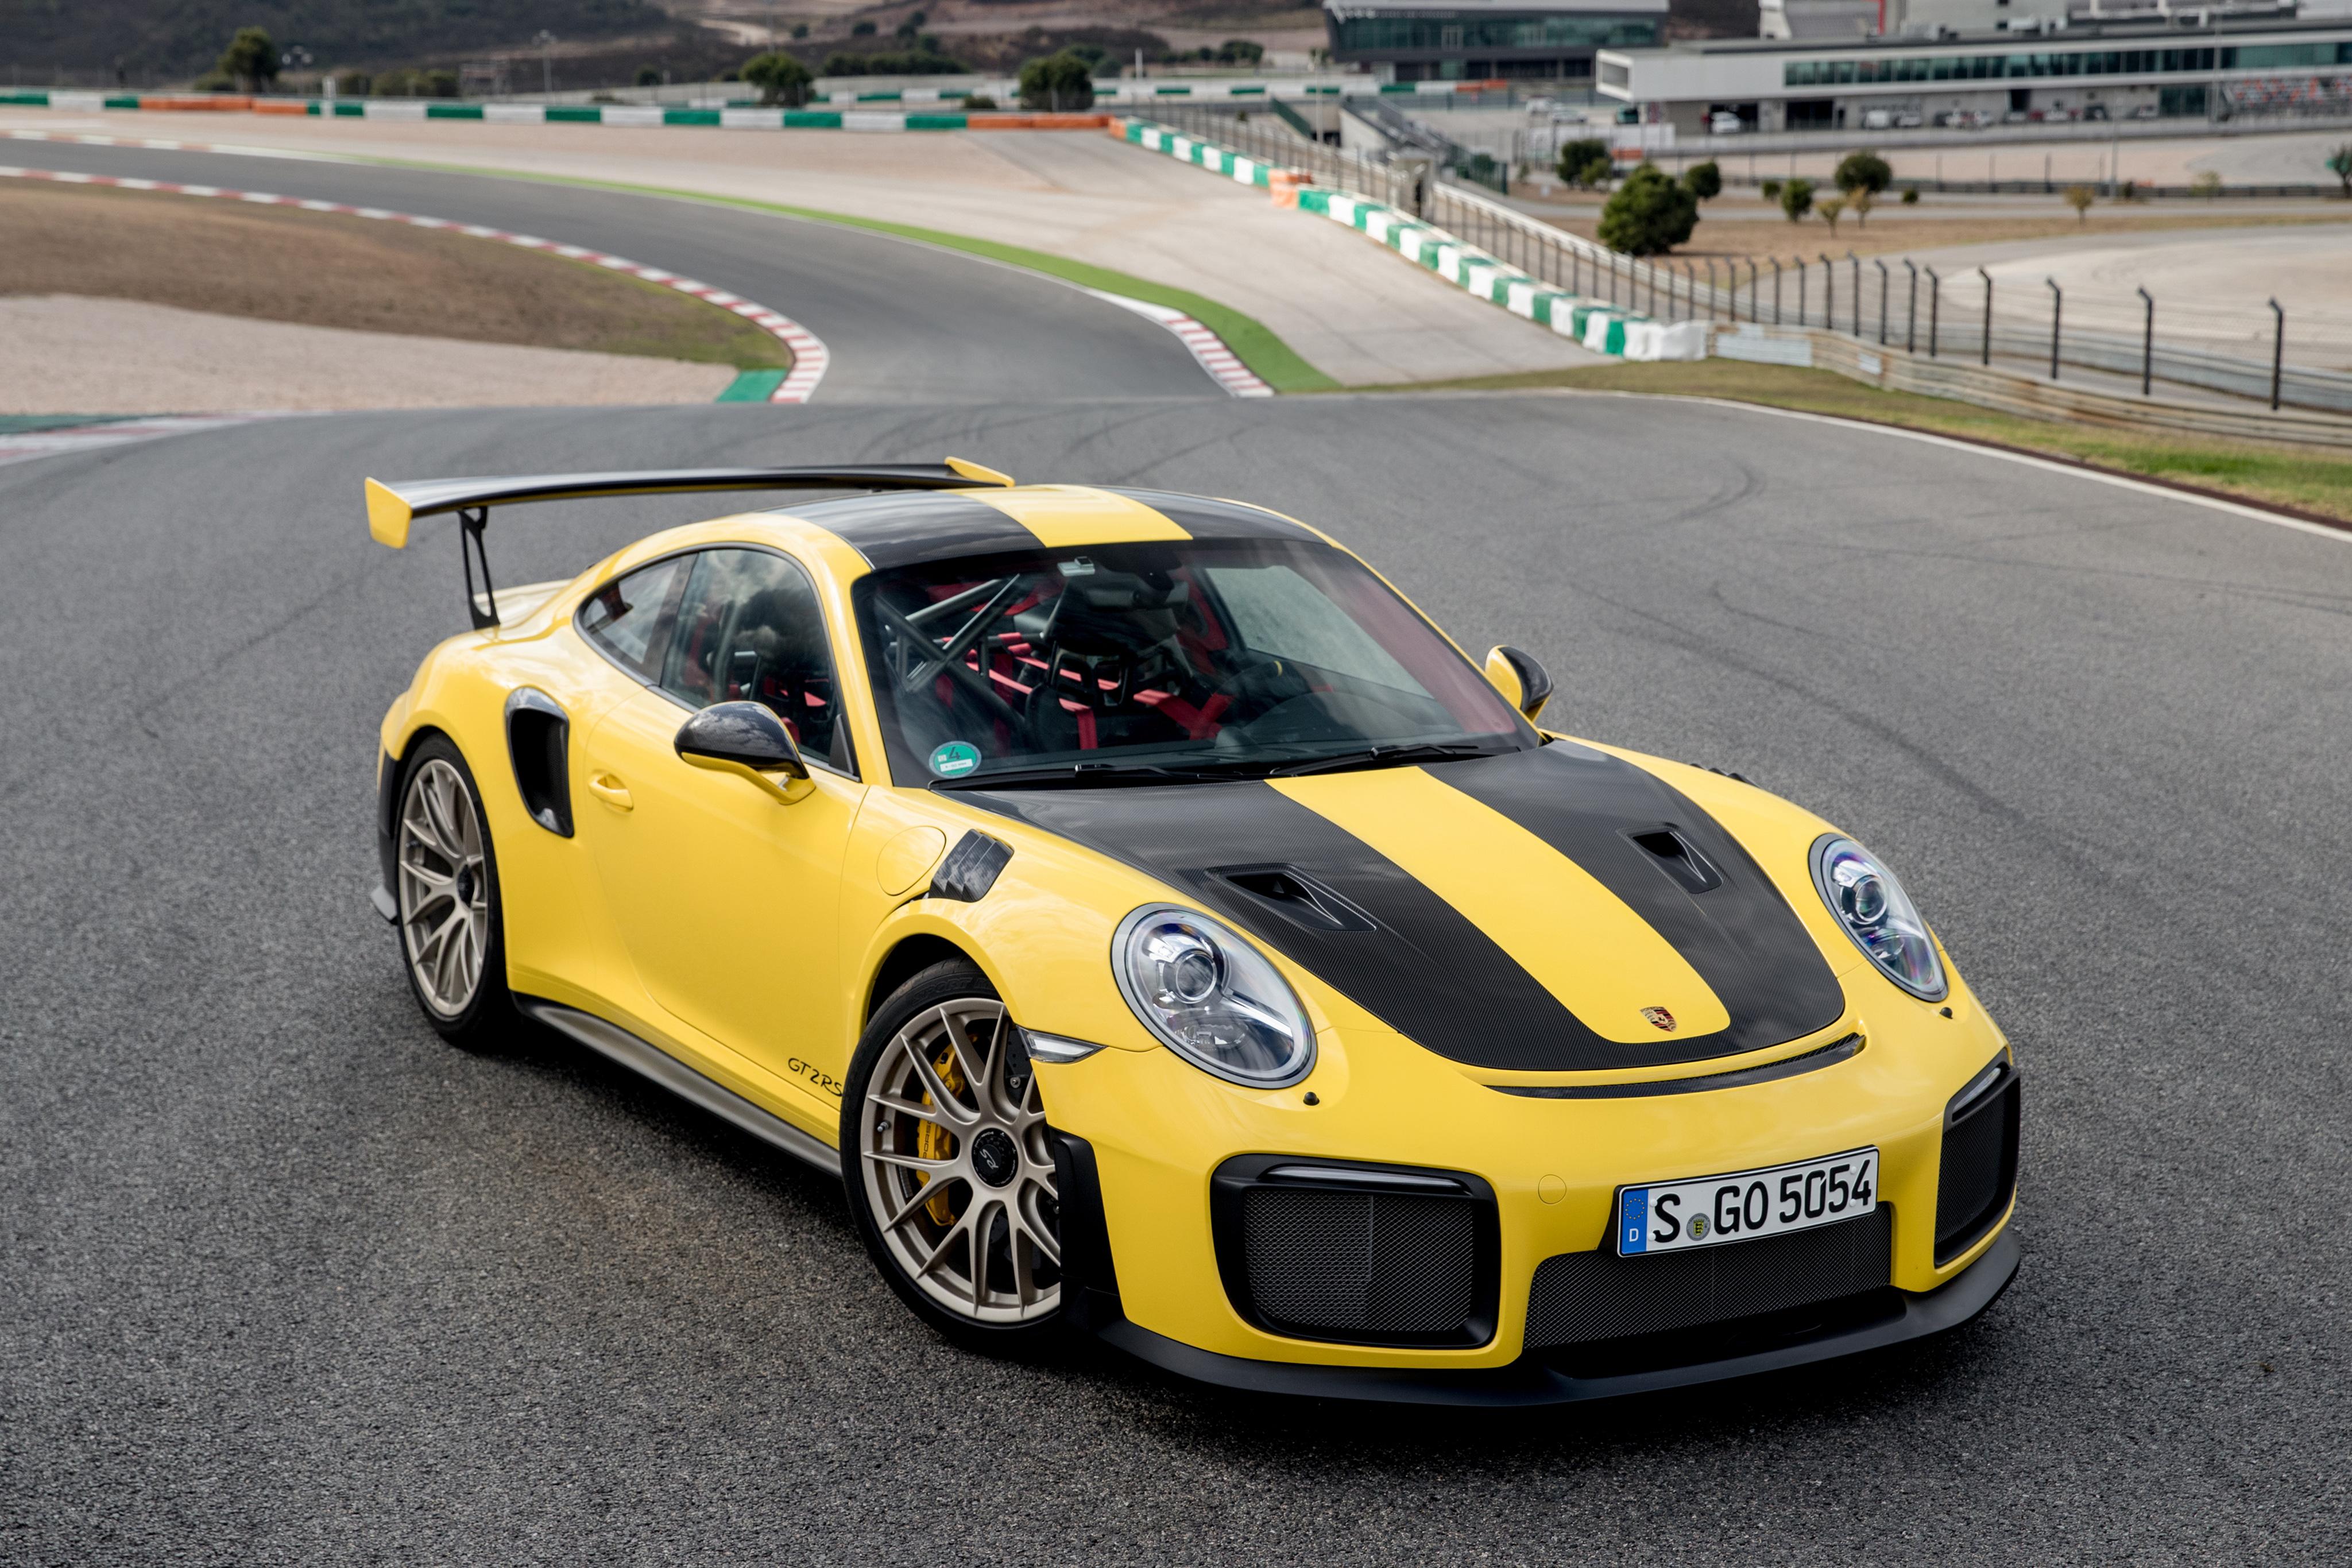 3840x2160 Porsche 911 GT2 RS Sports 4k HD 4k Wallpapers